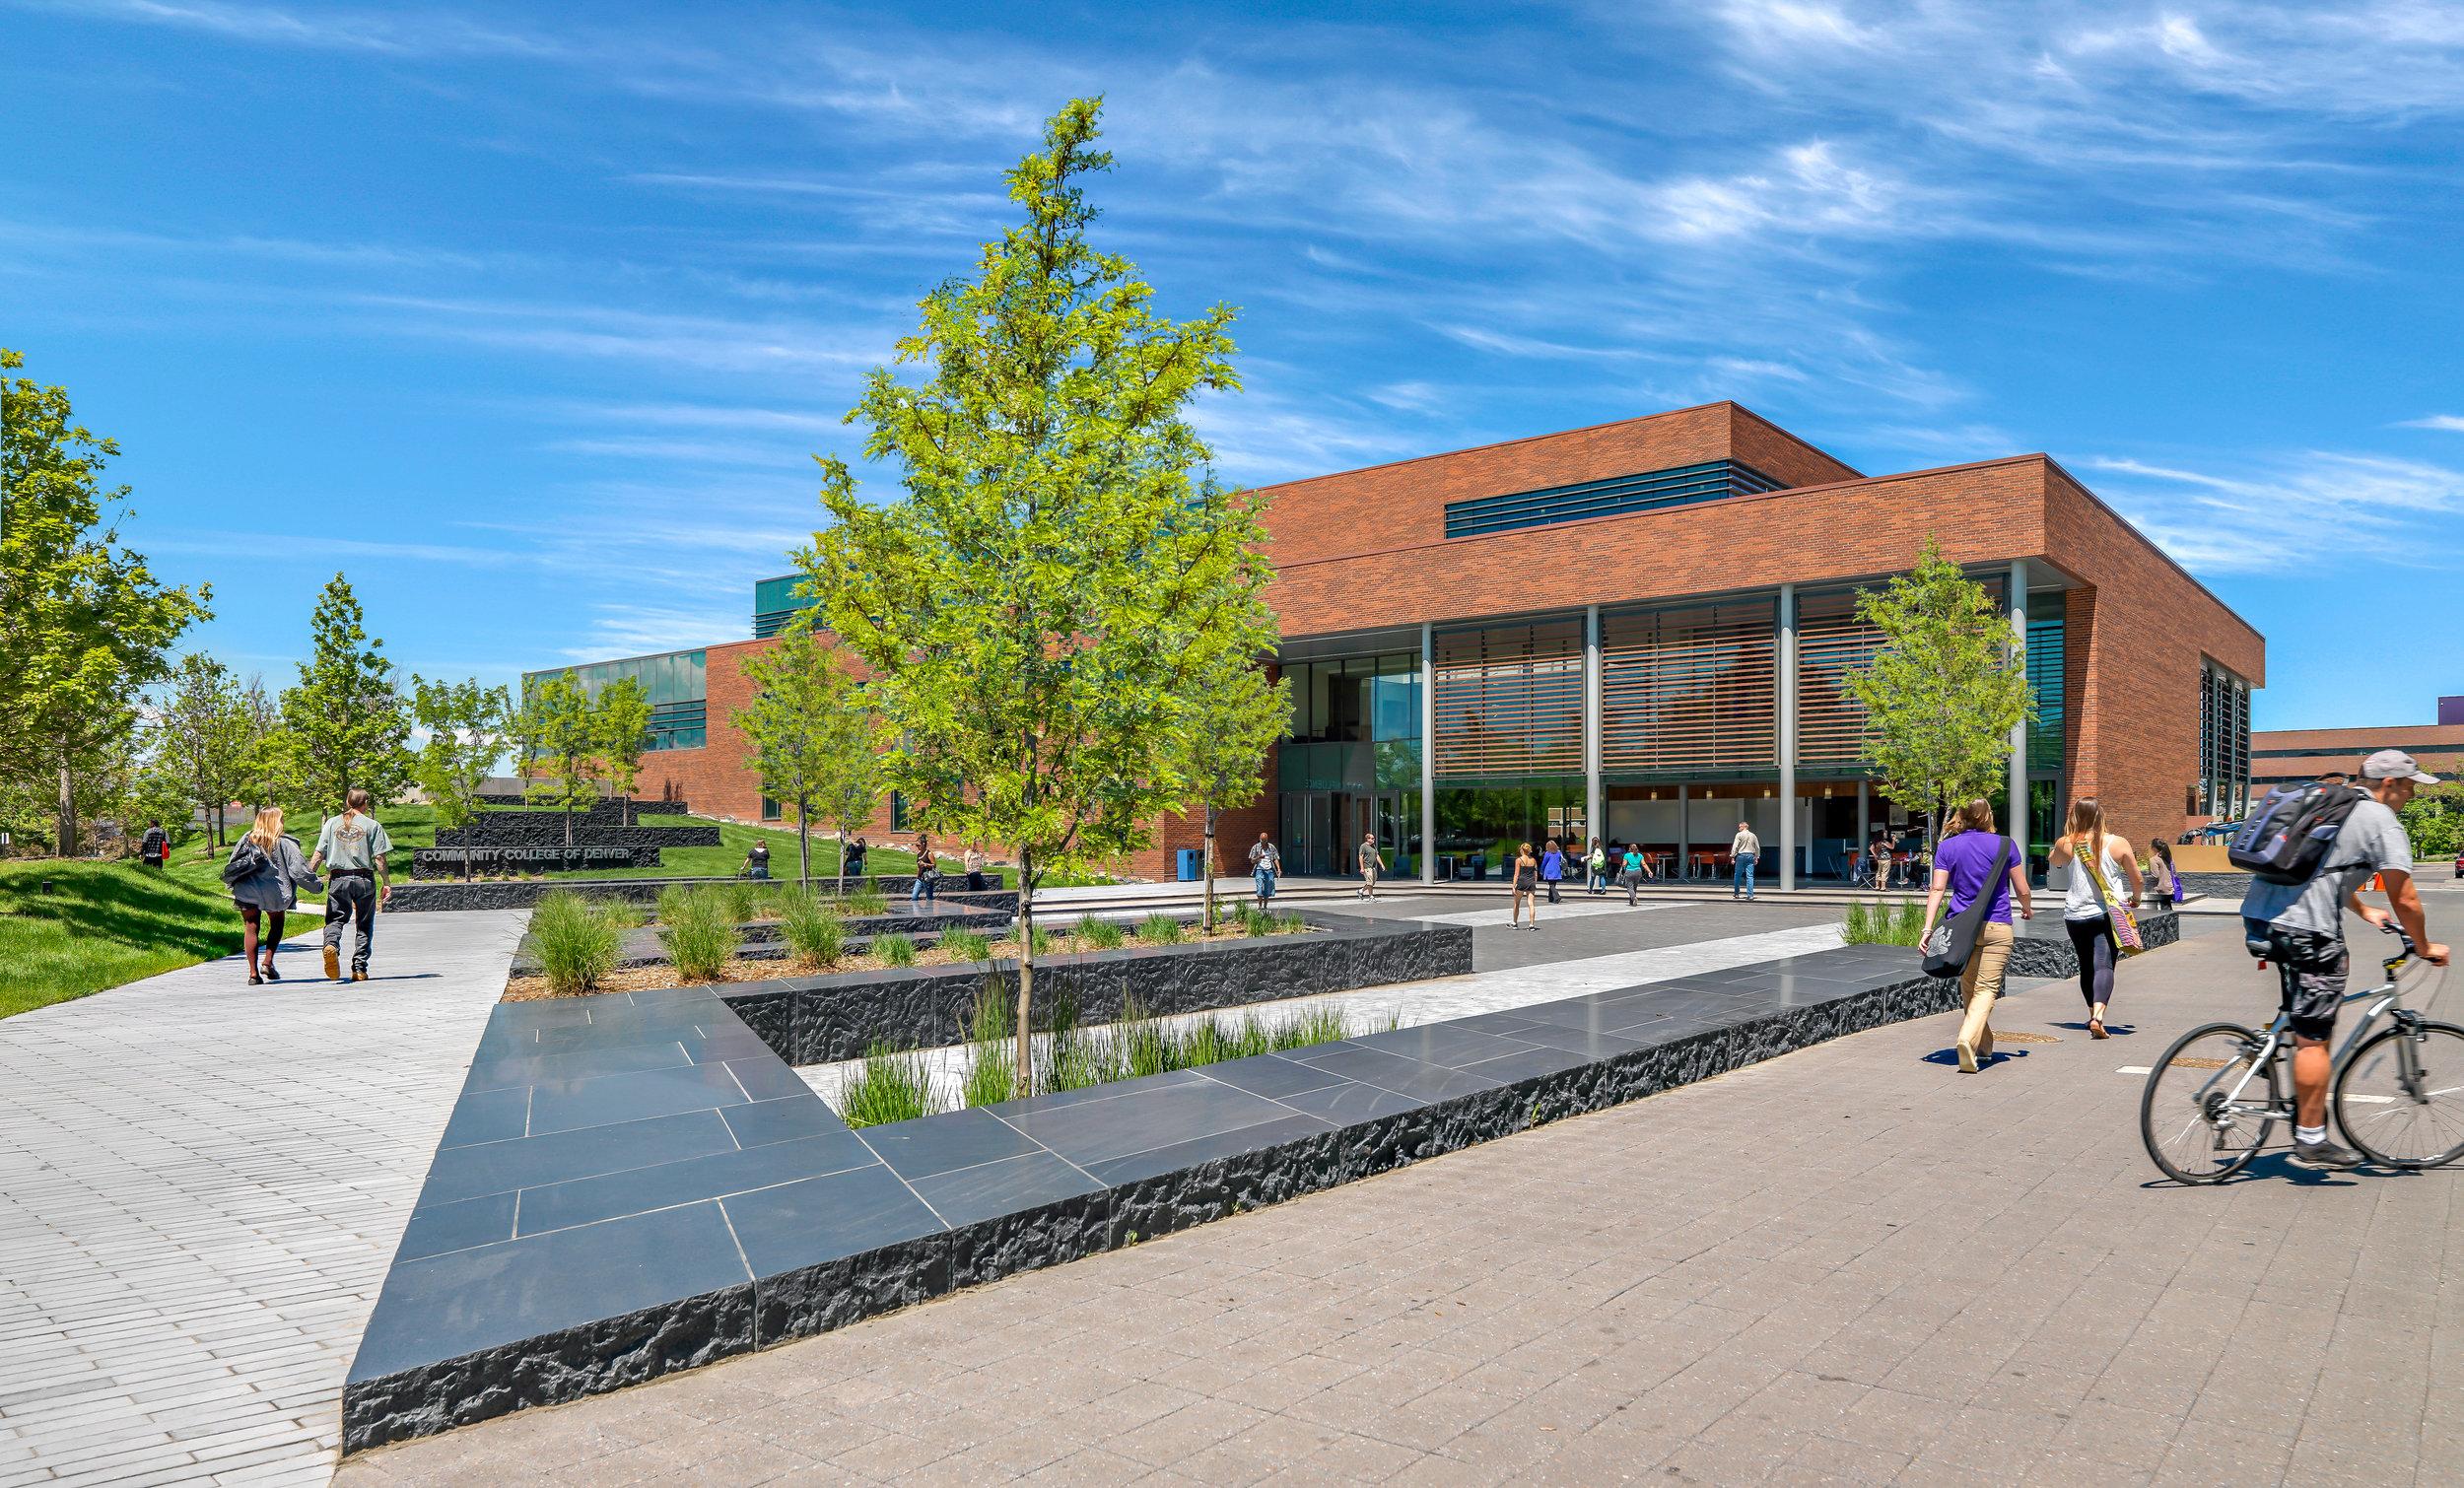 <f>Services</f><f>LandscapeArchitecture</f></f><f>Markets</f><f>Education+Health</f><t>Community College of Denver</t><m>Denver, CO</m>